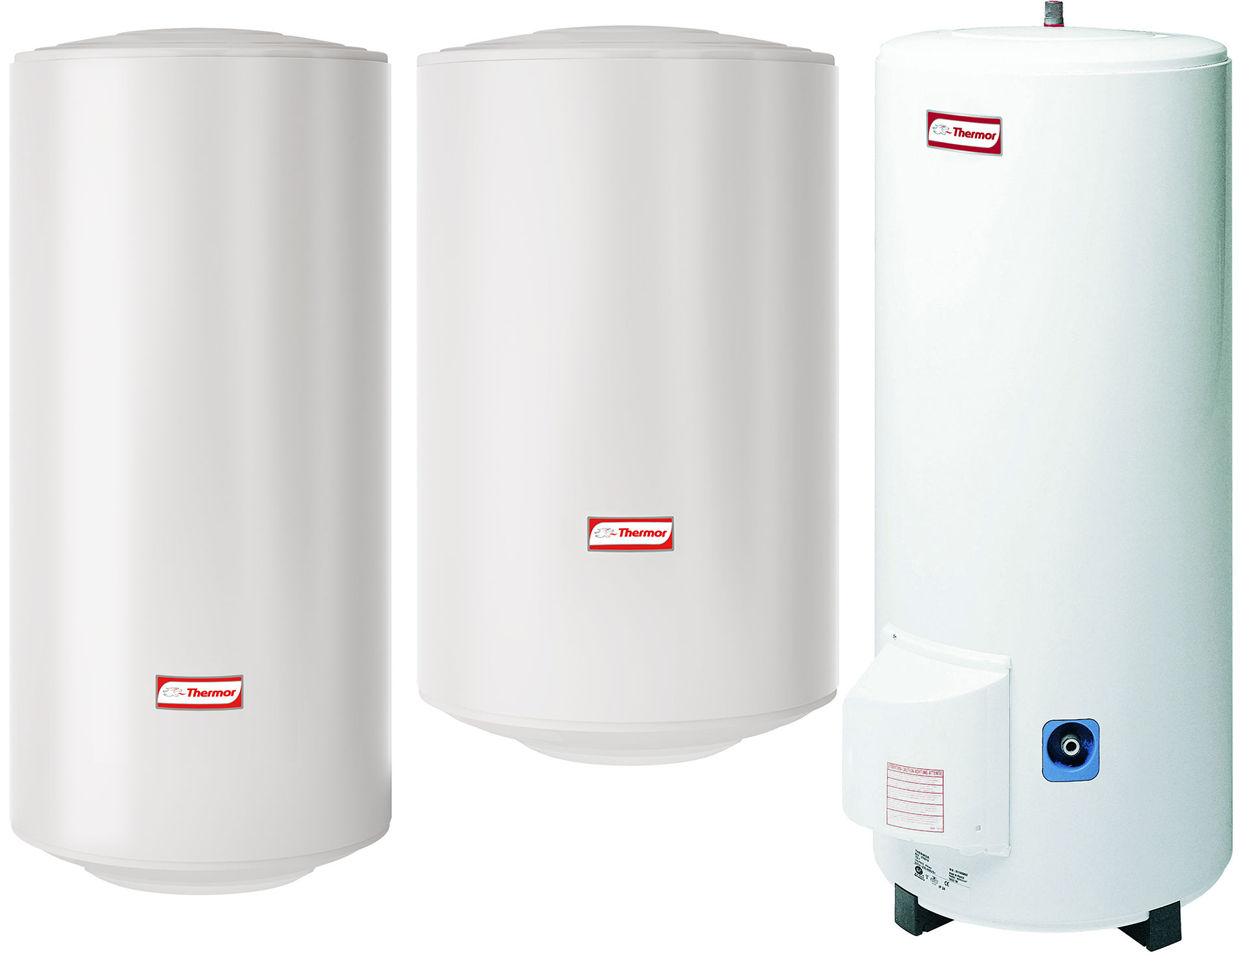 Thermor cchauffe eau st atite 300 litres 300l - Meilleur marque de chauffe eau electrique ...